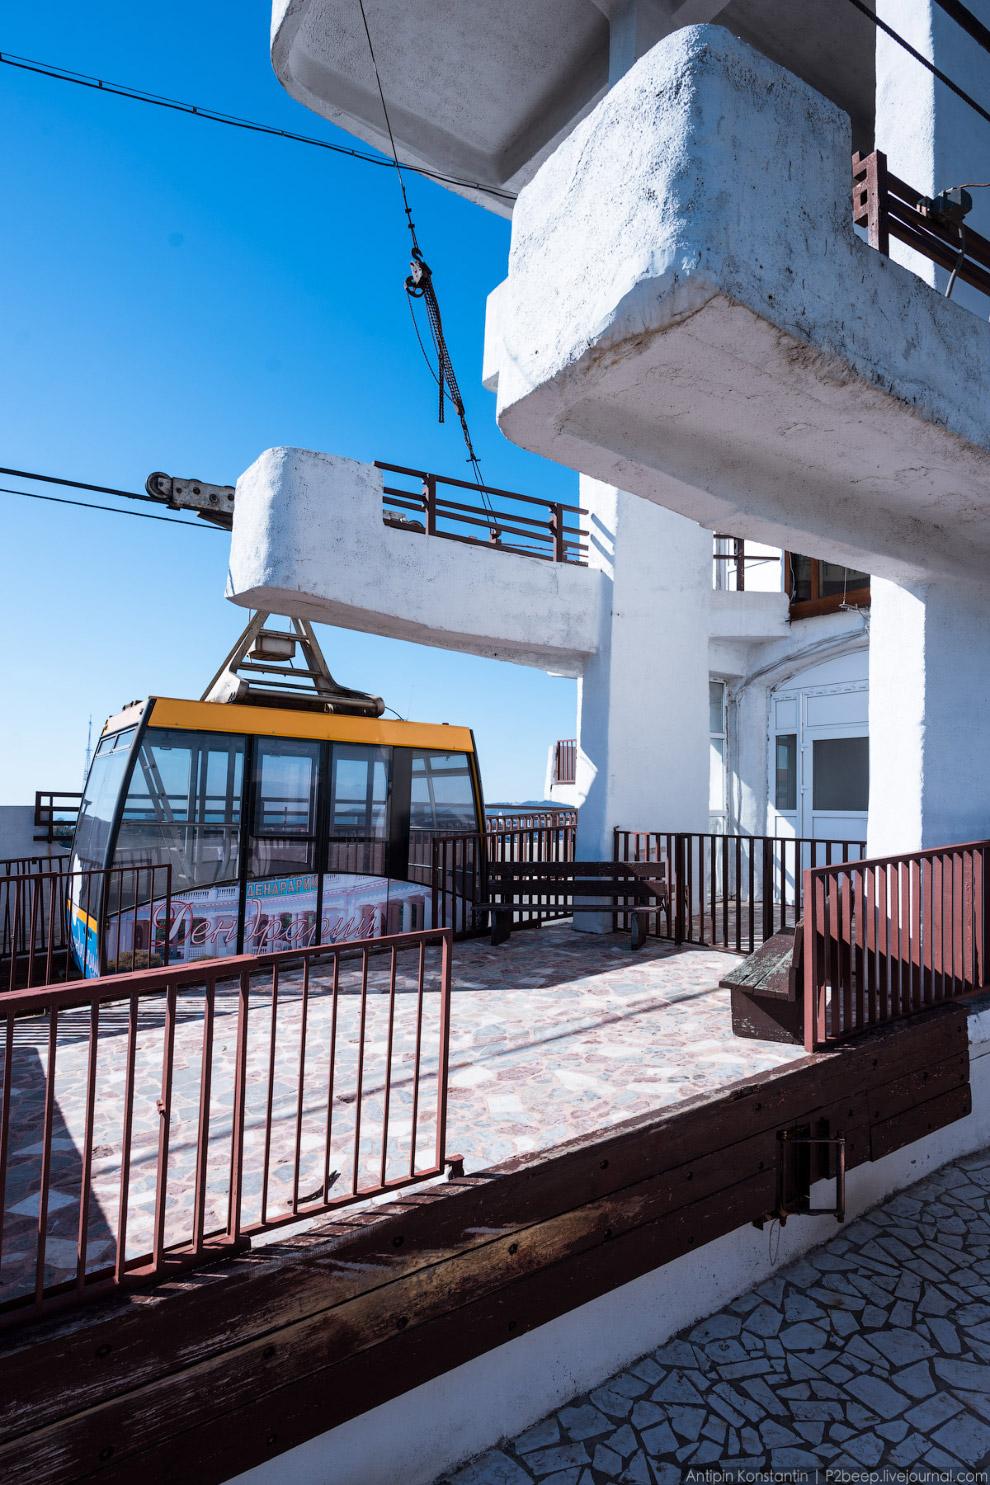 9. Боковая лестница на фоне окружающей застройки. Пока что башне удается оставаться доминантой